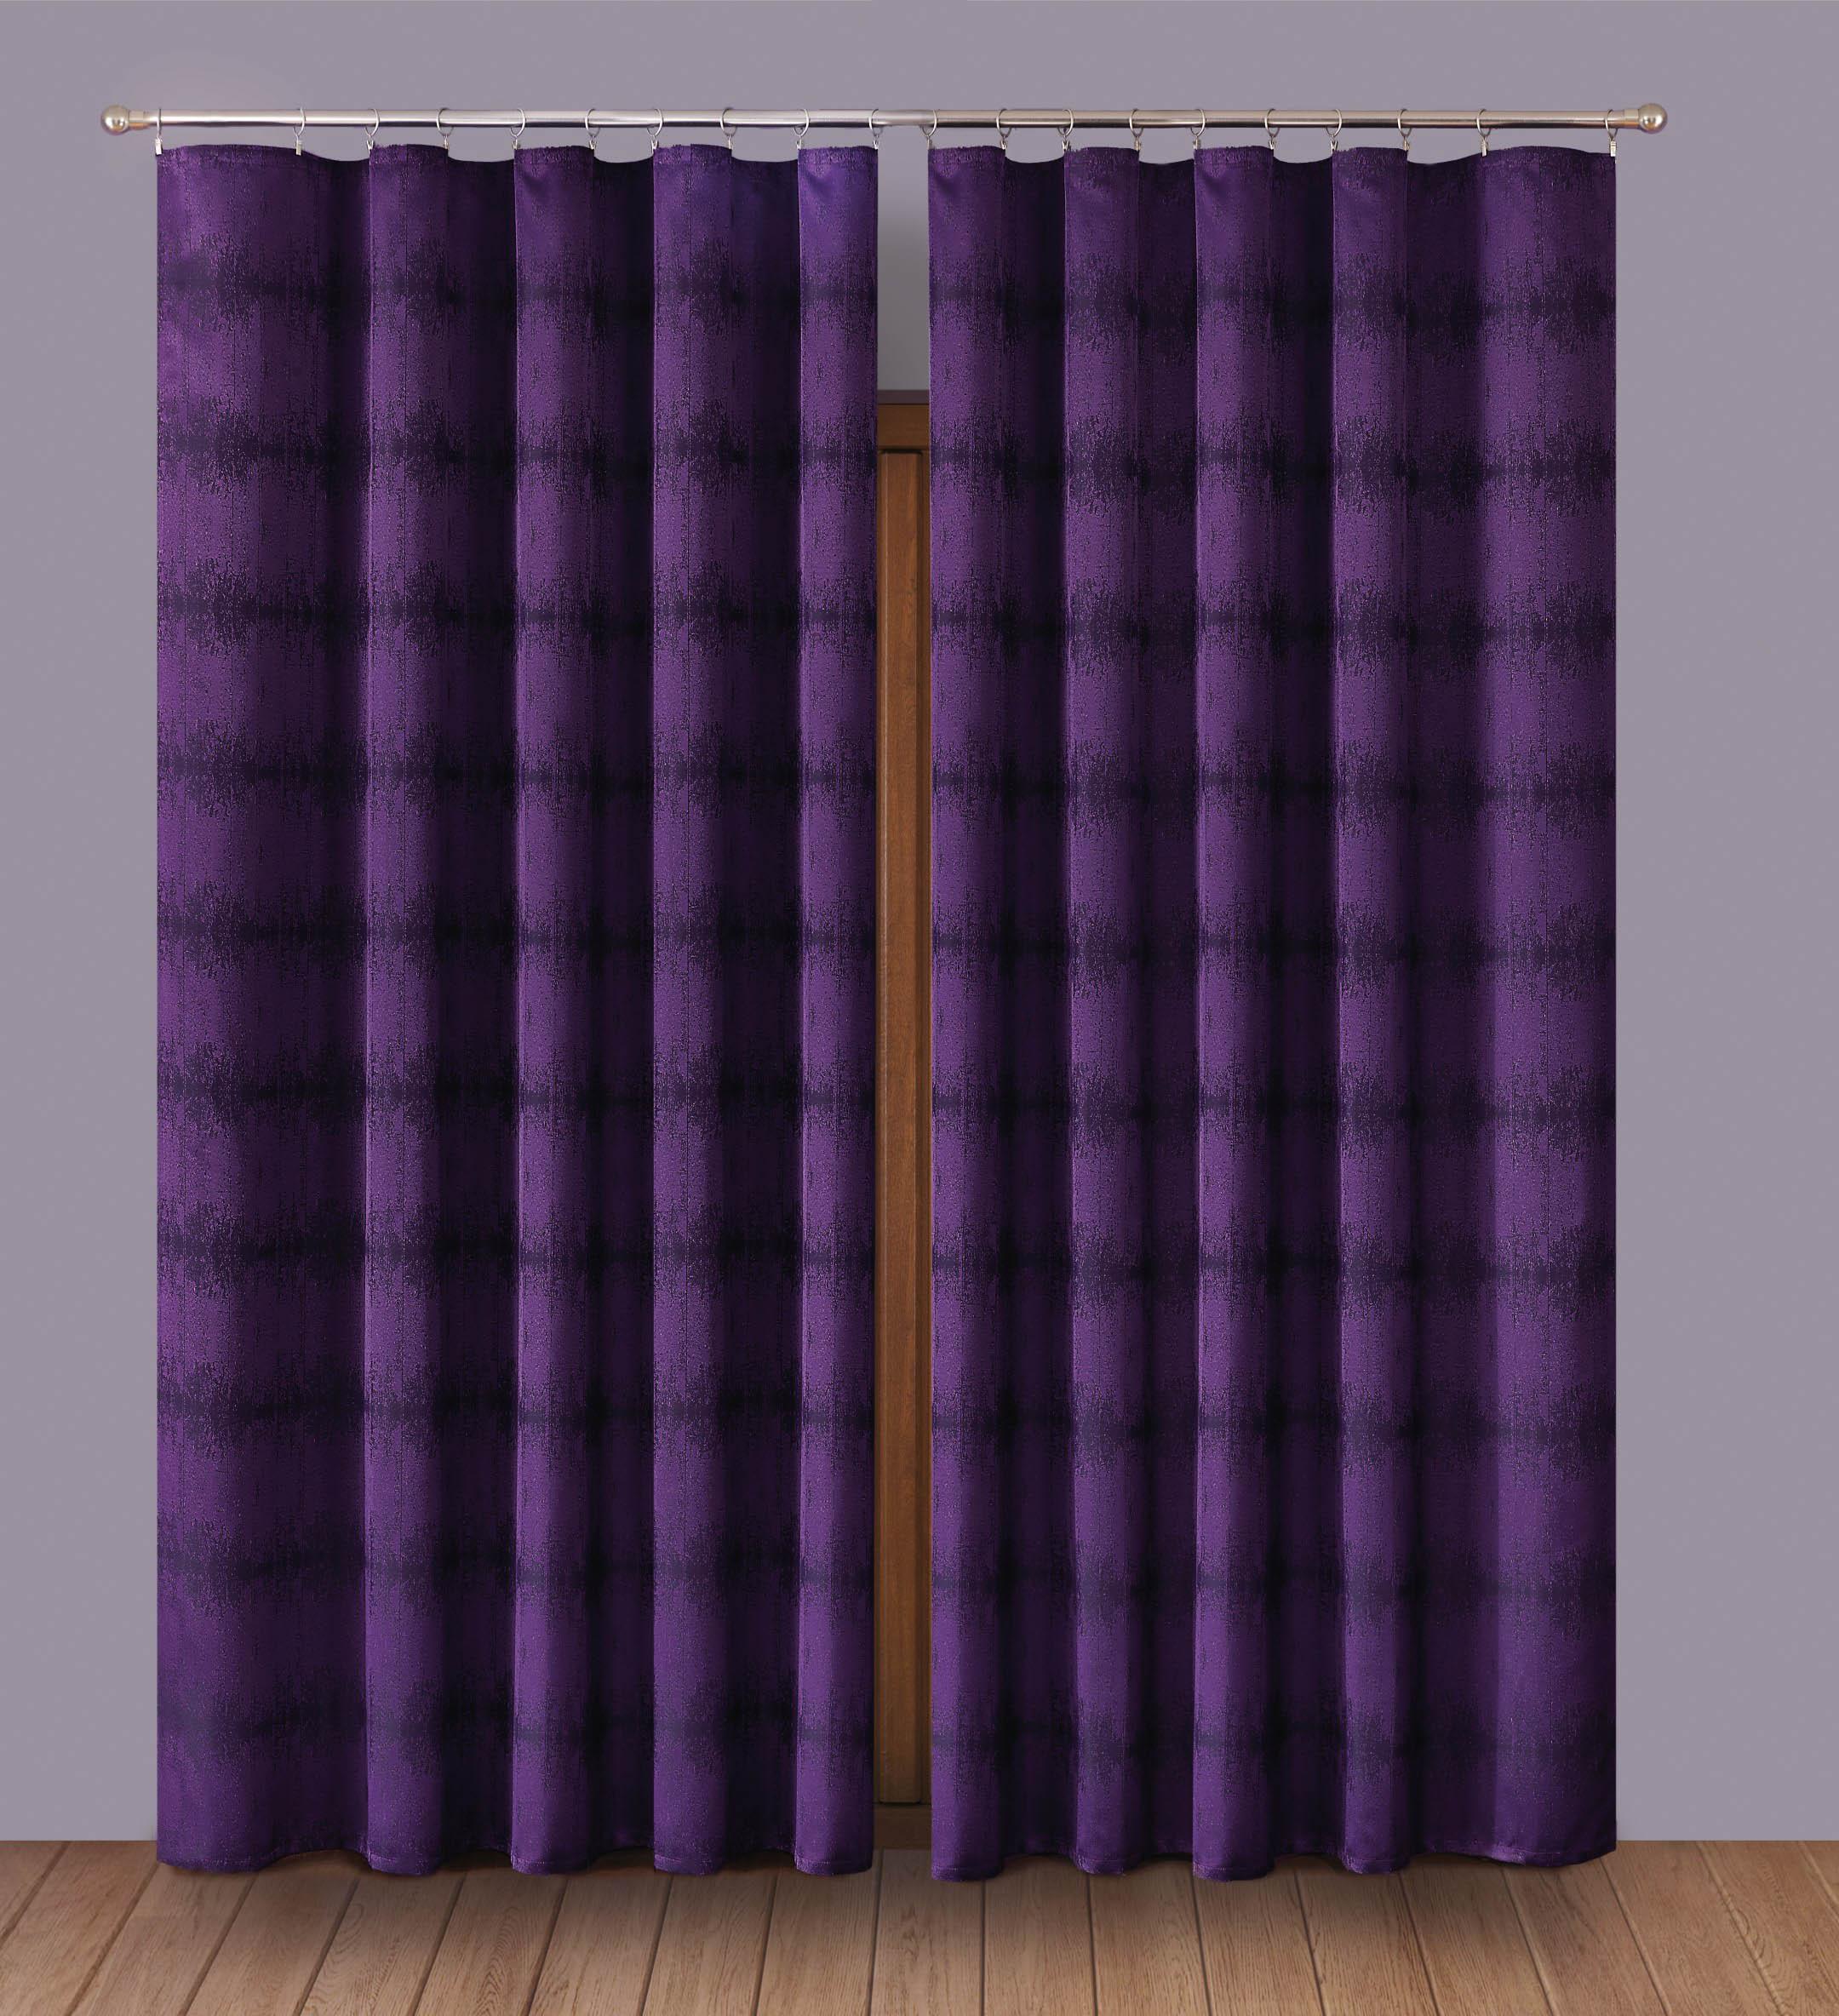 Шторы Primavera Классические шторы Caroline Цвет: Сиреневый шторы primavera классические шторы caroline цвет сиреневый